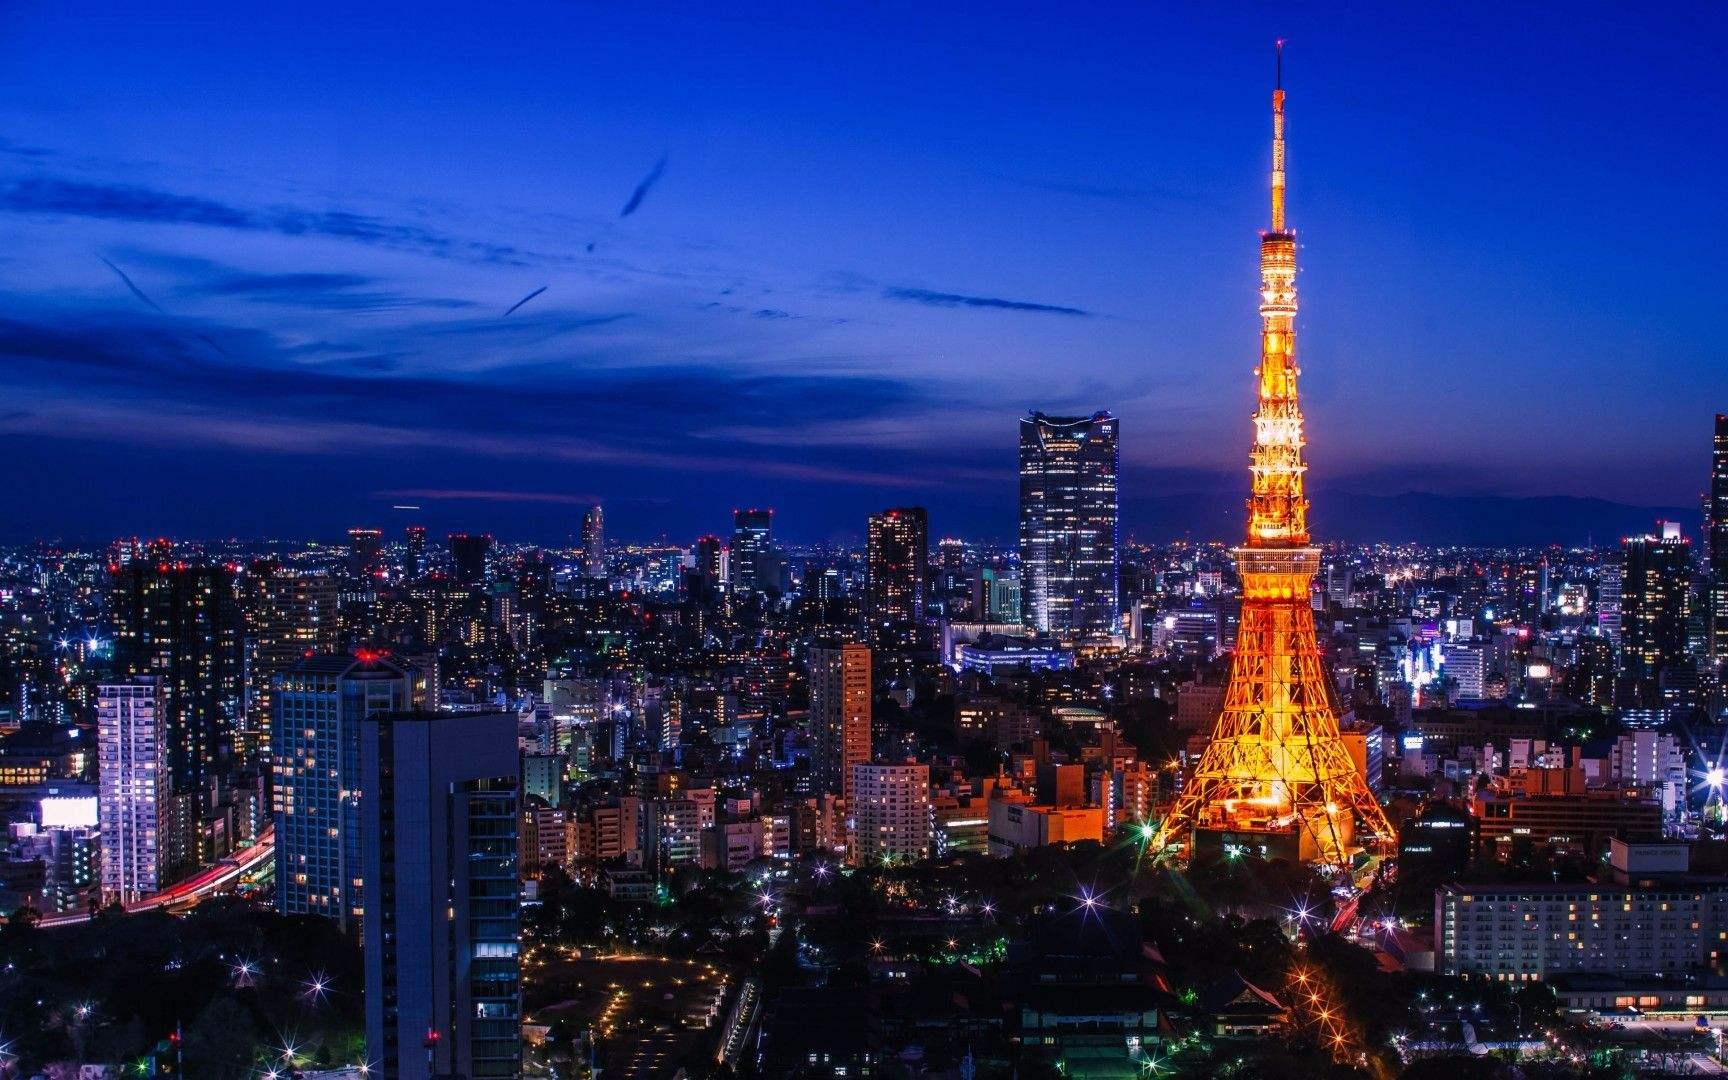 日本本州双古都6日5晚豪华跟团游(含全餐,升级一晚五星酒店,升级一晚温泉酒店,送旅游意外险)